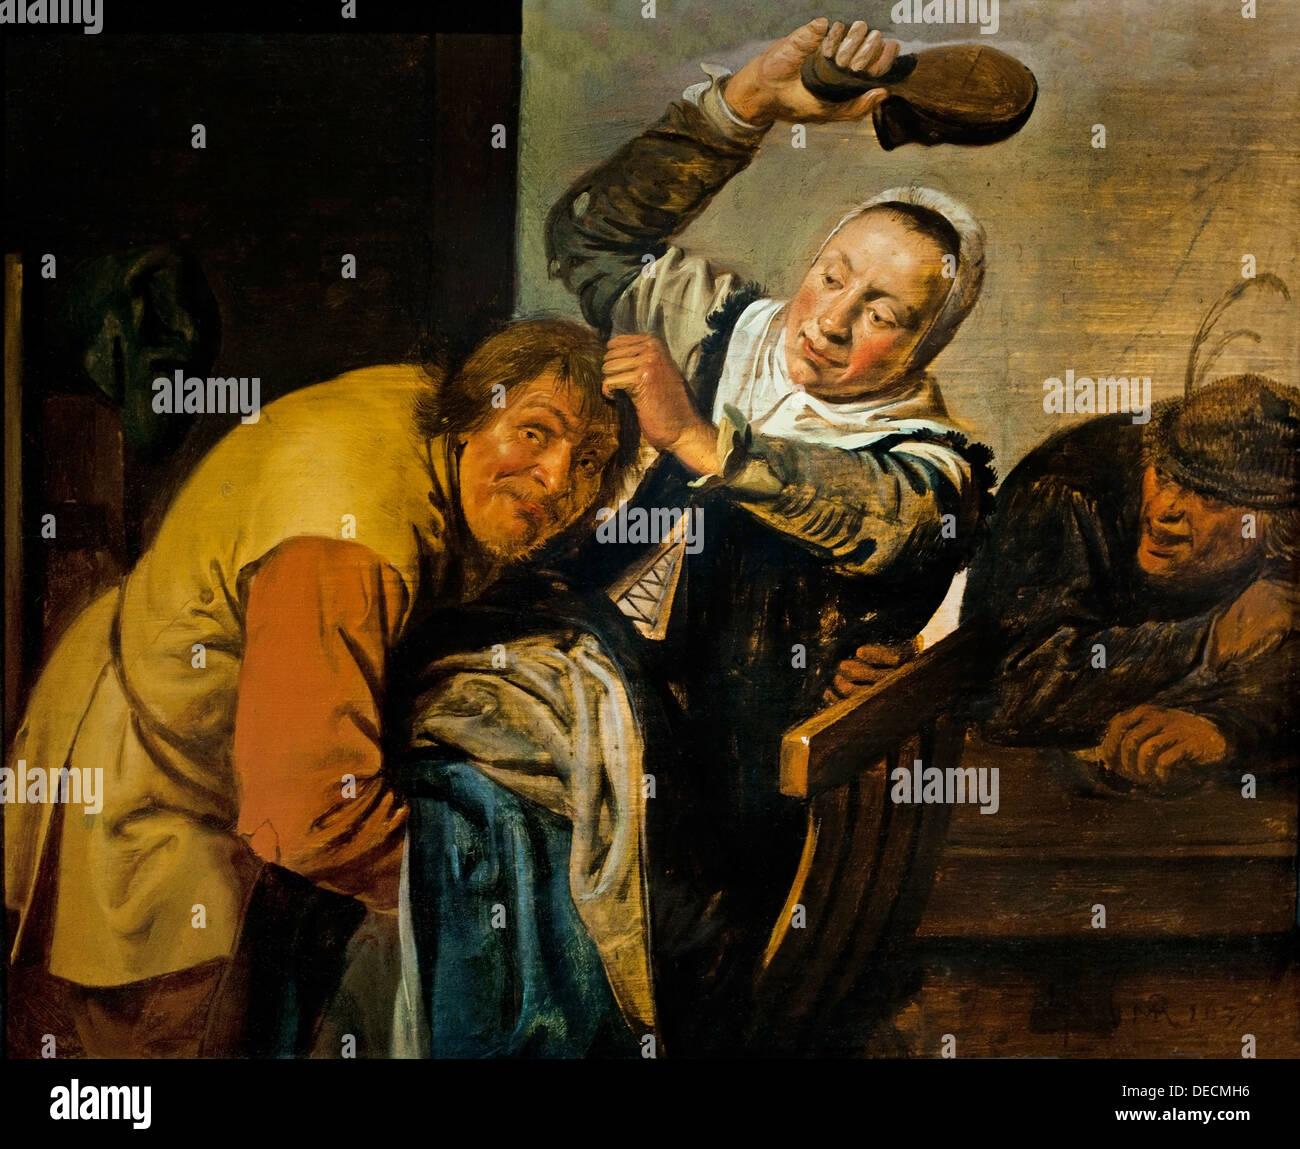 I cinque sensi toccare Vista udito Gusto Olfatto Jan Miense Molenaer 1610 -1668 olandese Paesi Bassi Immagini Stock